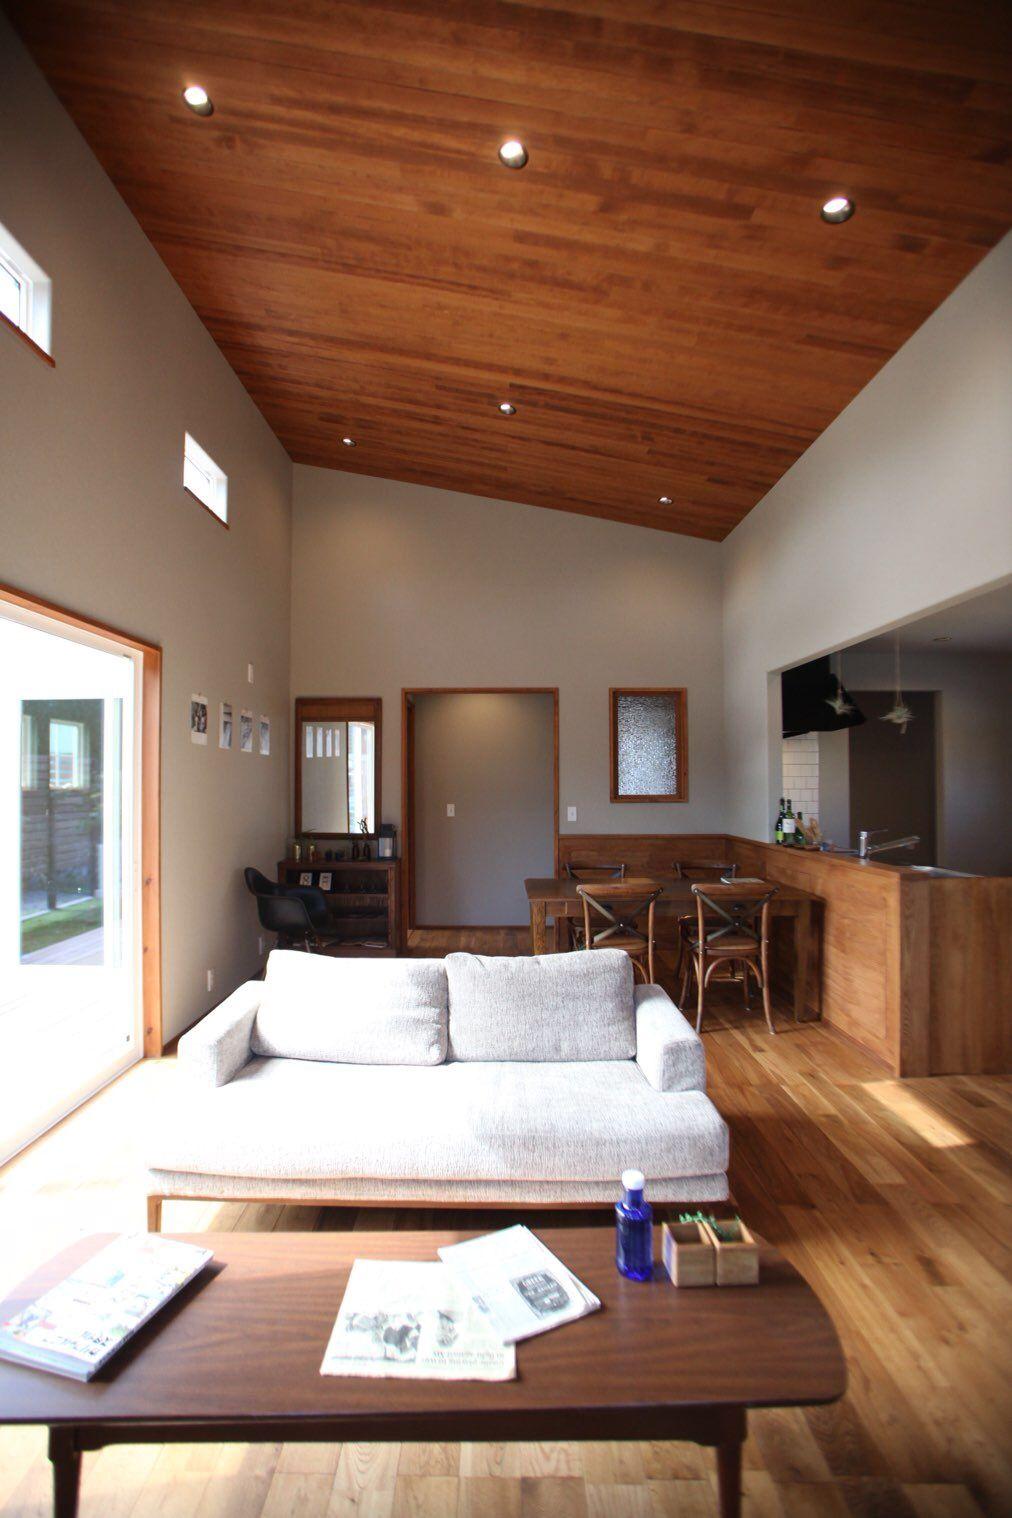 Opthome オプトホーム 平屋 勾配天井 天井板張り 無垢材 オーク材 開放的なリビング リビング フルオープンサッシ リビング 天井 家 家 づくり